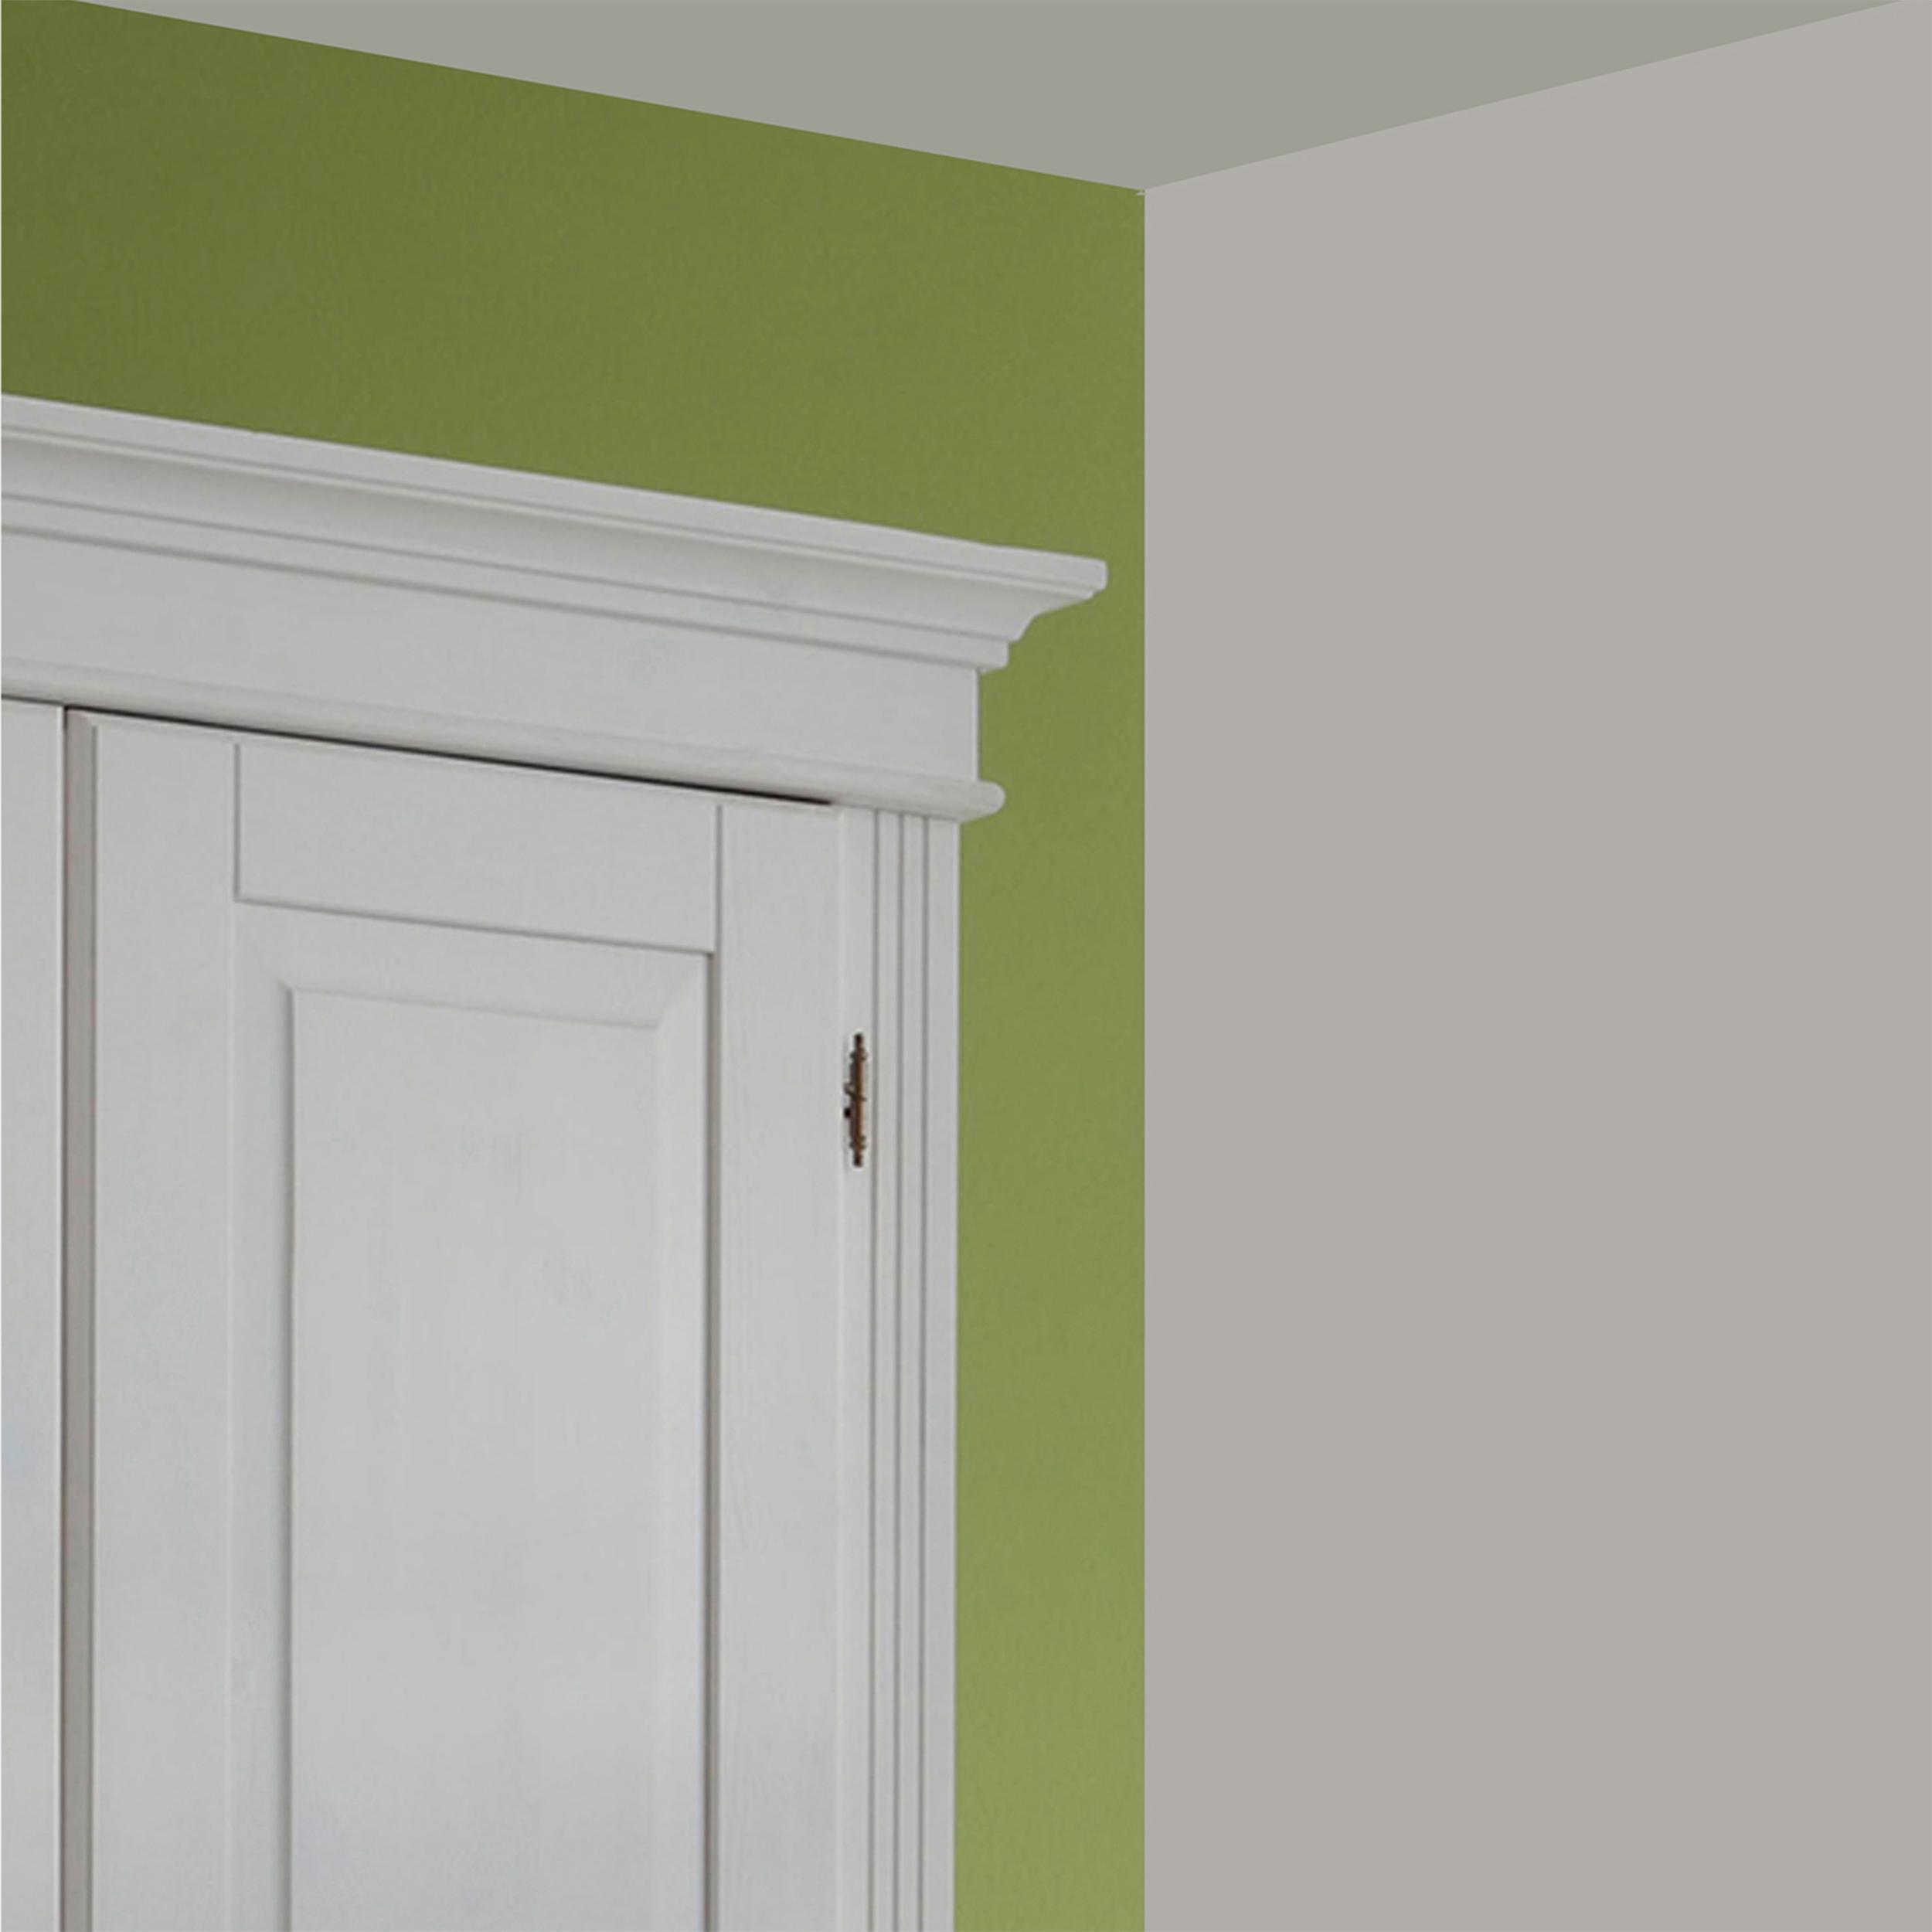 dielenschrank kleiderschrank garderobenschrank landhausstil kiefer wei massiv ebay. Black Bedroom Furniture Sets. Home Design Ideas